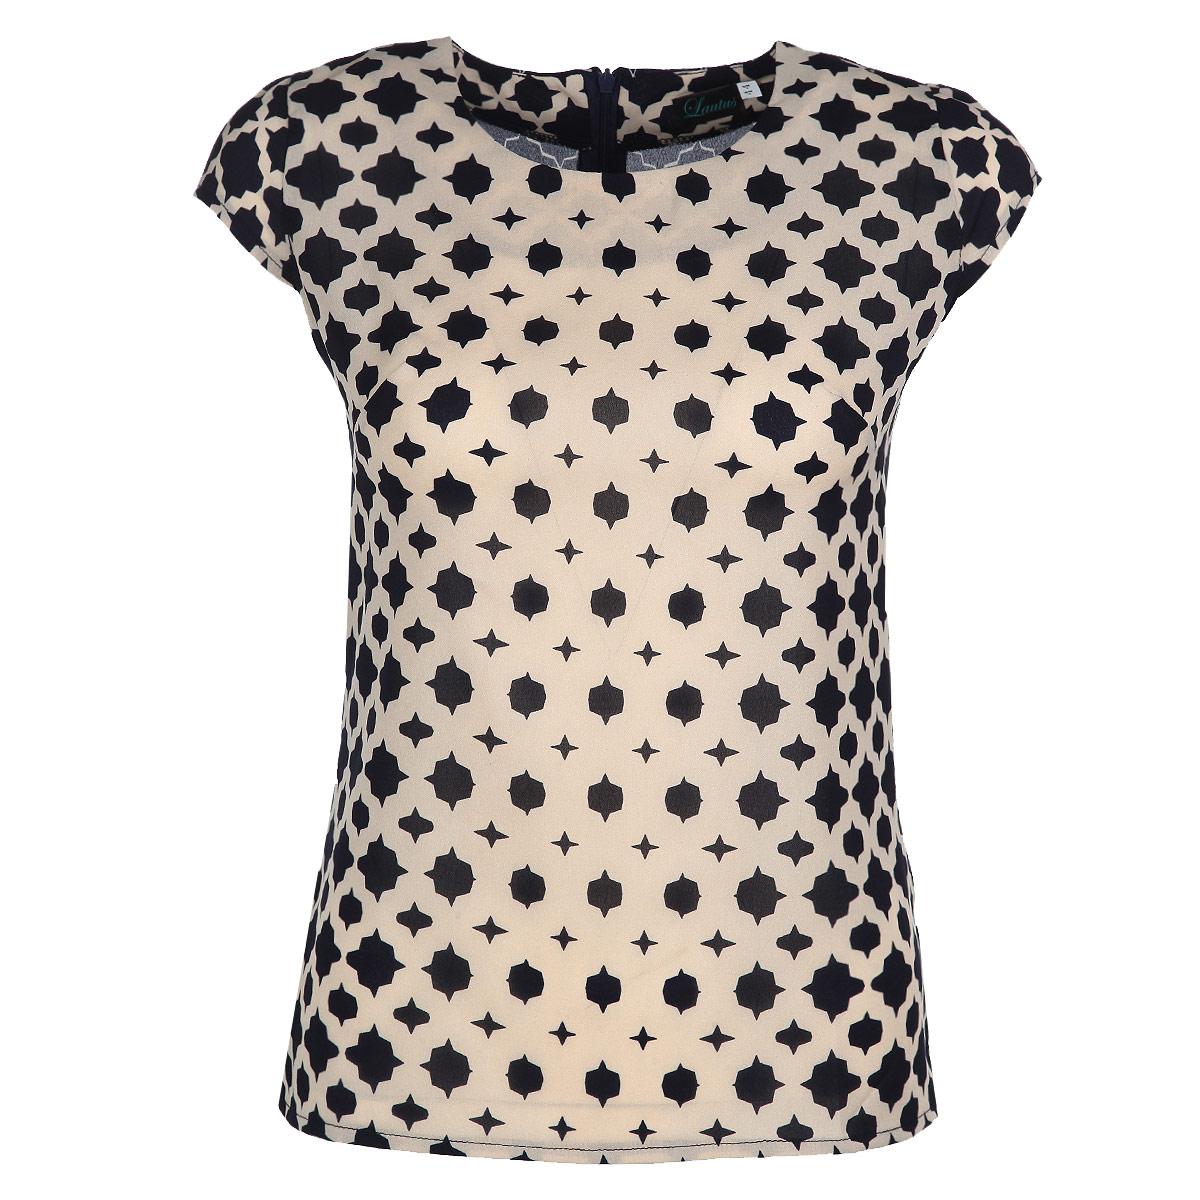 Блузкаб0335Элегантная блузка Lautus выполнена из струящегося полиэстера с небольшим добавлением эластана. Модель прямого кроя с короткими рукавами и круглым вырезом горловины. На спинке изделие застегивается на потайную застежку-молнию. Лаконичная блузка будет идеально сочетаться с узкими брюками или леггинсами. Эта модель послужит отличным дополнением к вашему гардеробу, в ней вы будете чувствовать себя комфортно.